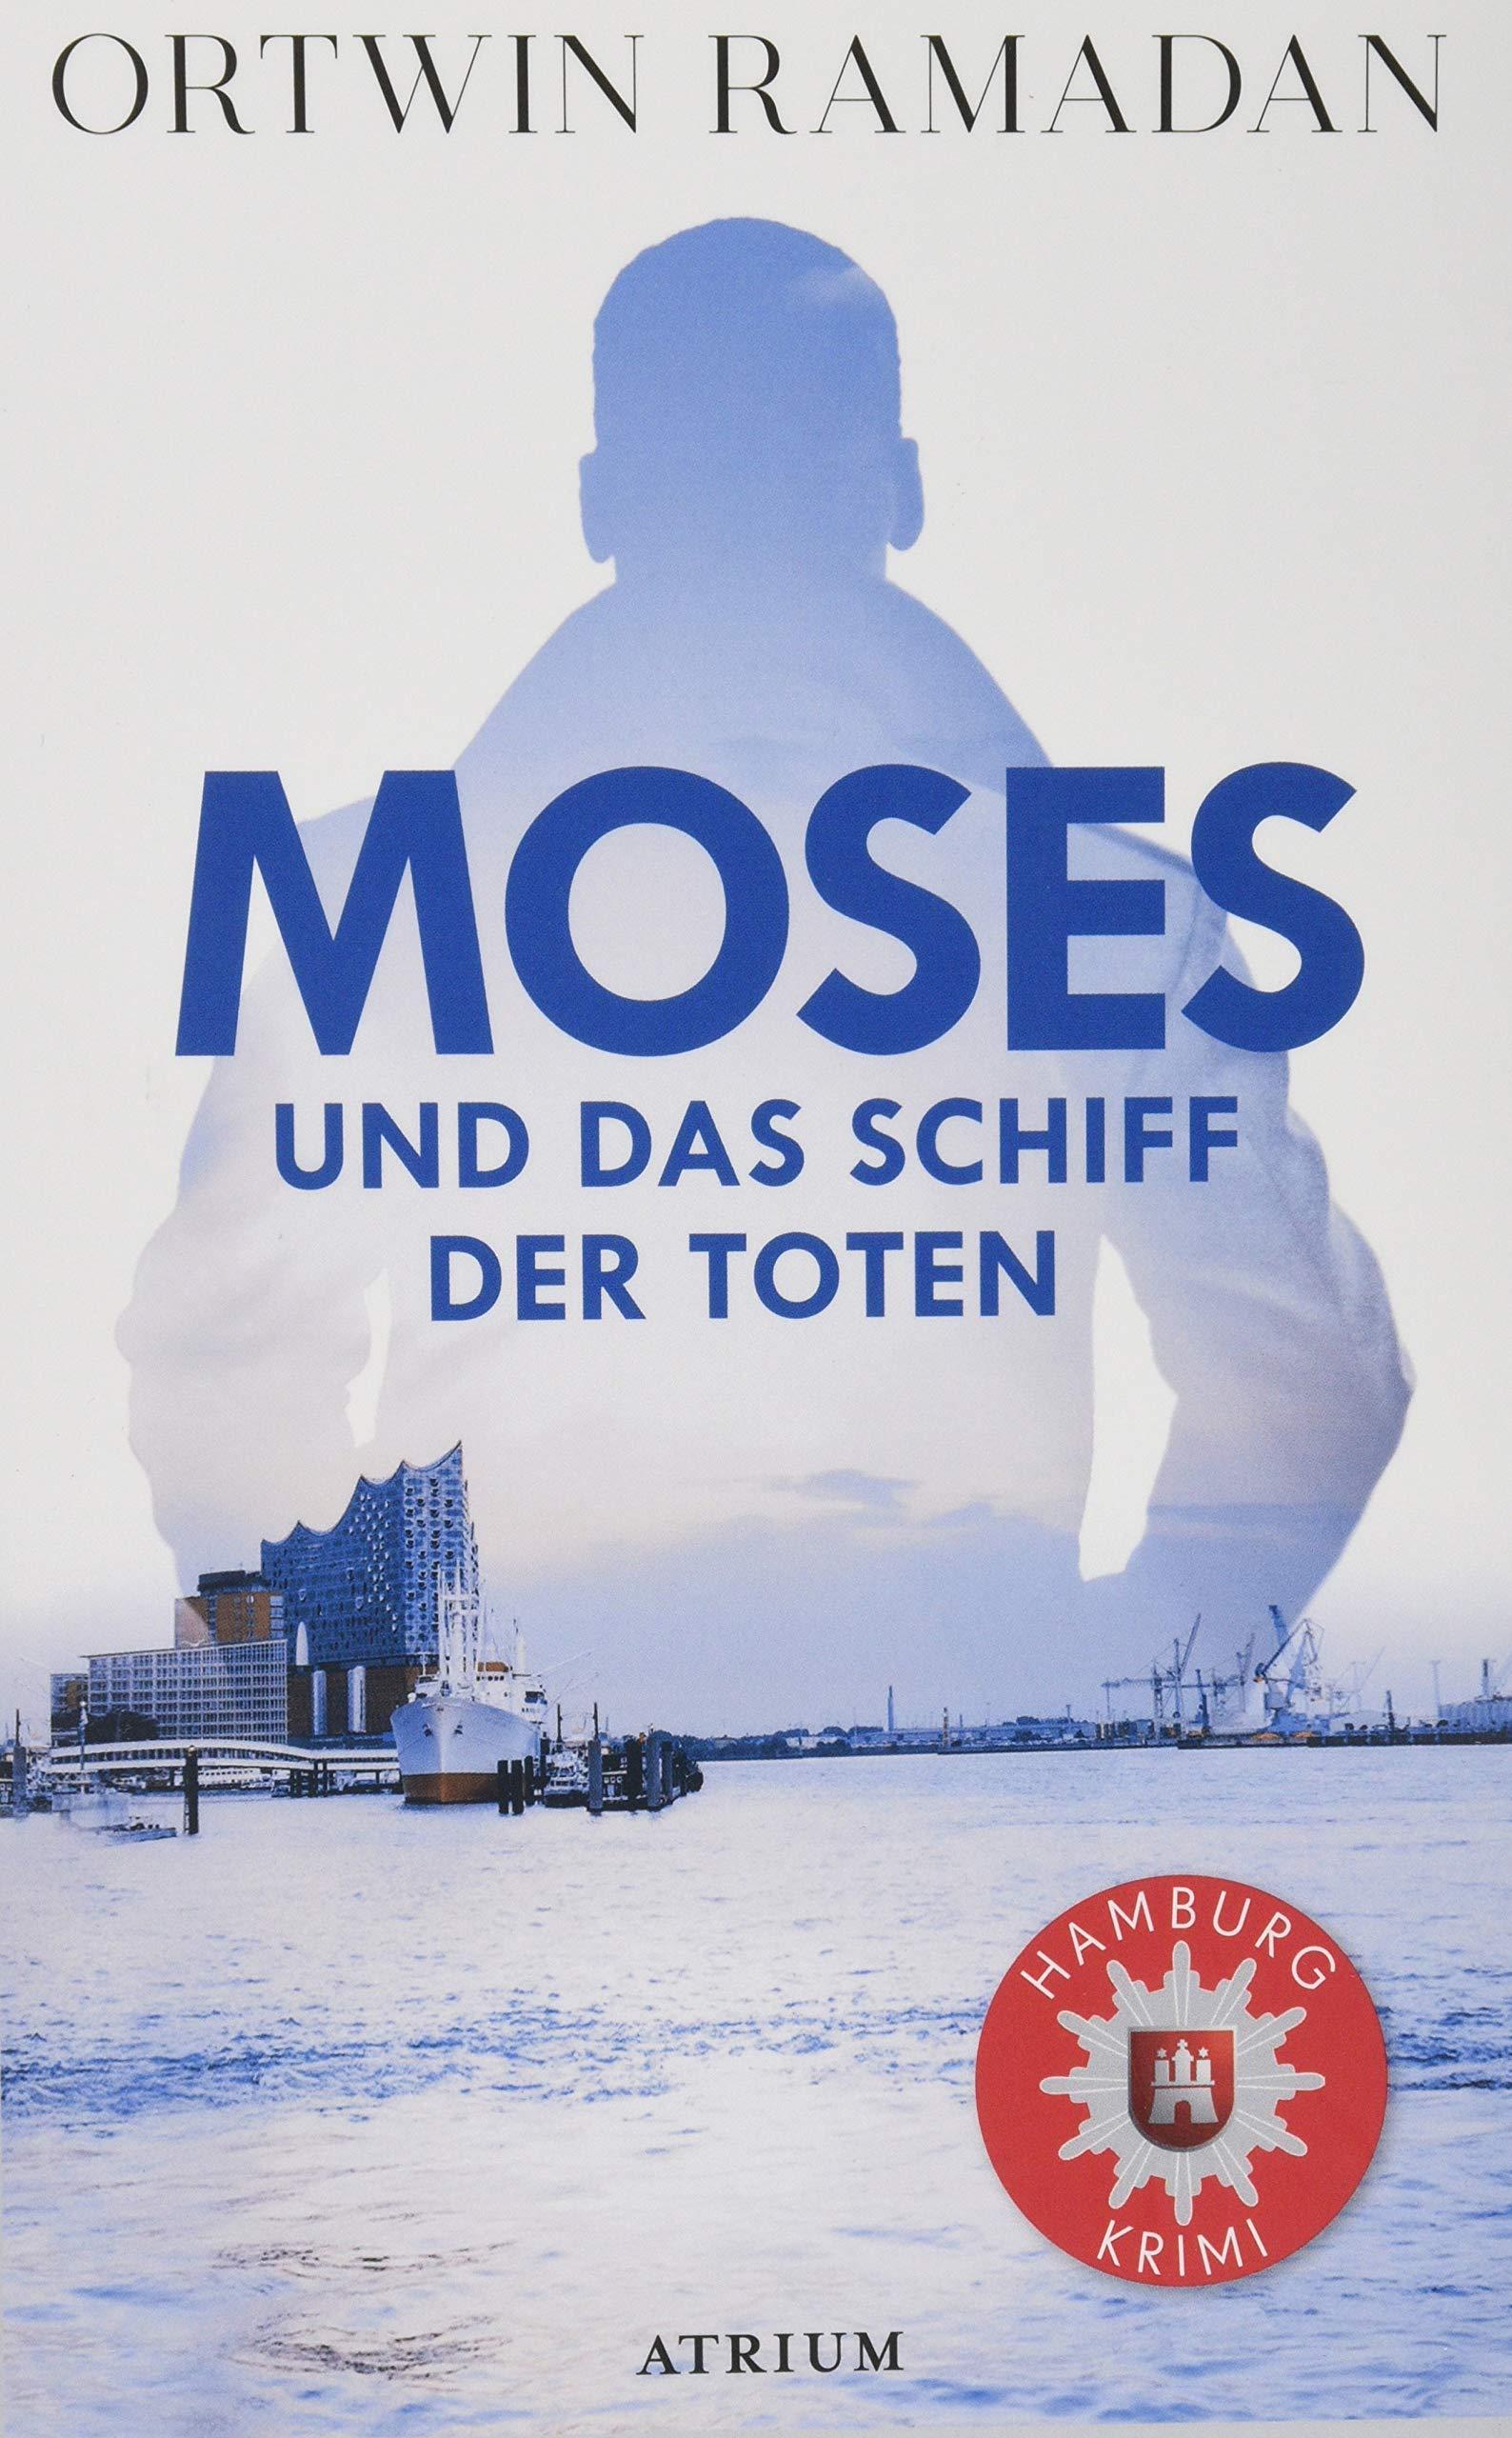 Moses und das Schiff der Toten: Amazon.de: Ramadan, Ortwin: Bücher